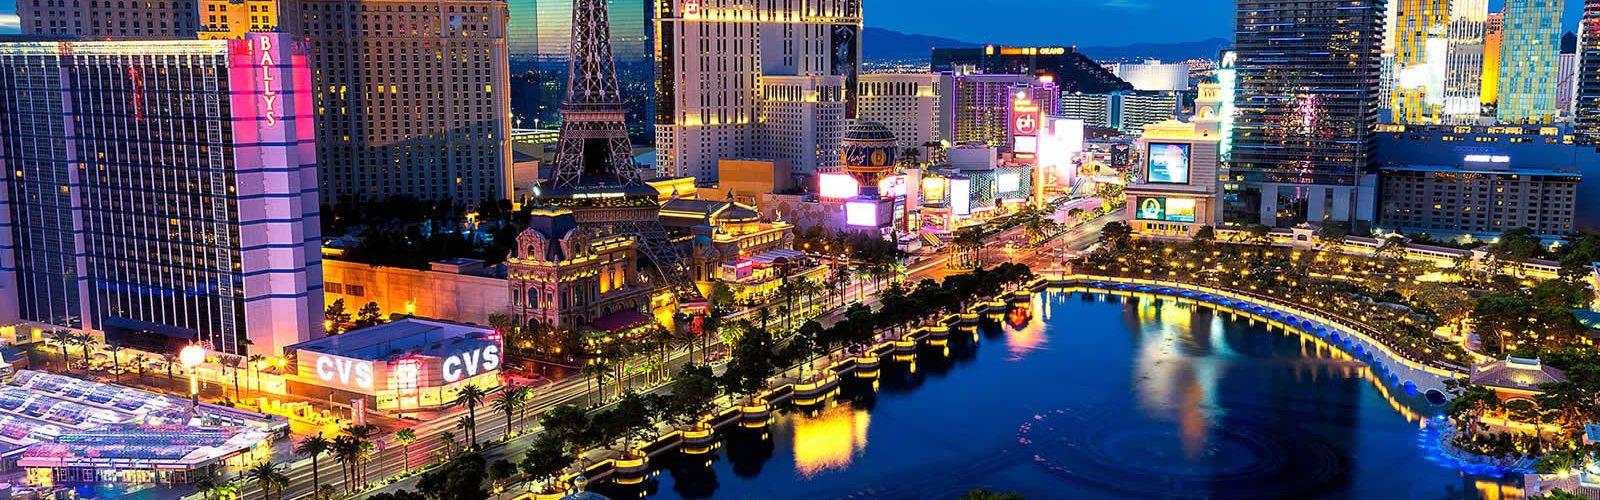 plus-beaux-hotels-las-vegas-casino-jeu-une